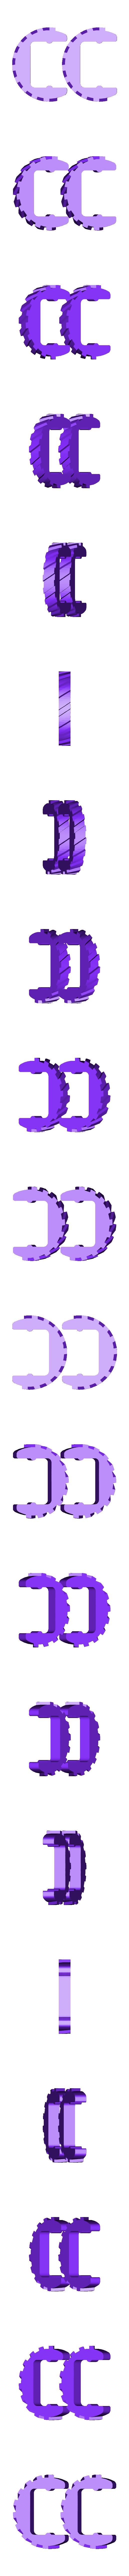 ArmExtension_Left_02_OliveGreen.stl Download STL file Heavy Gun Walker • 3D print design, Jwoong